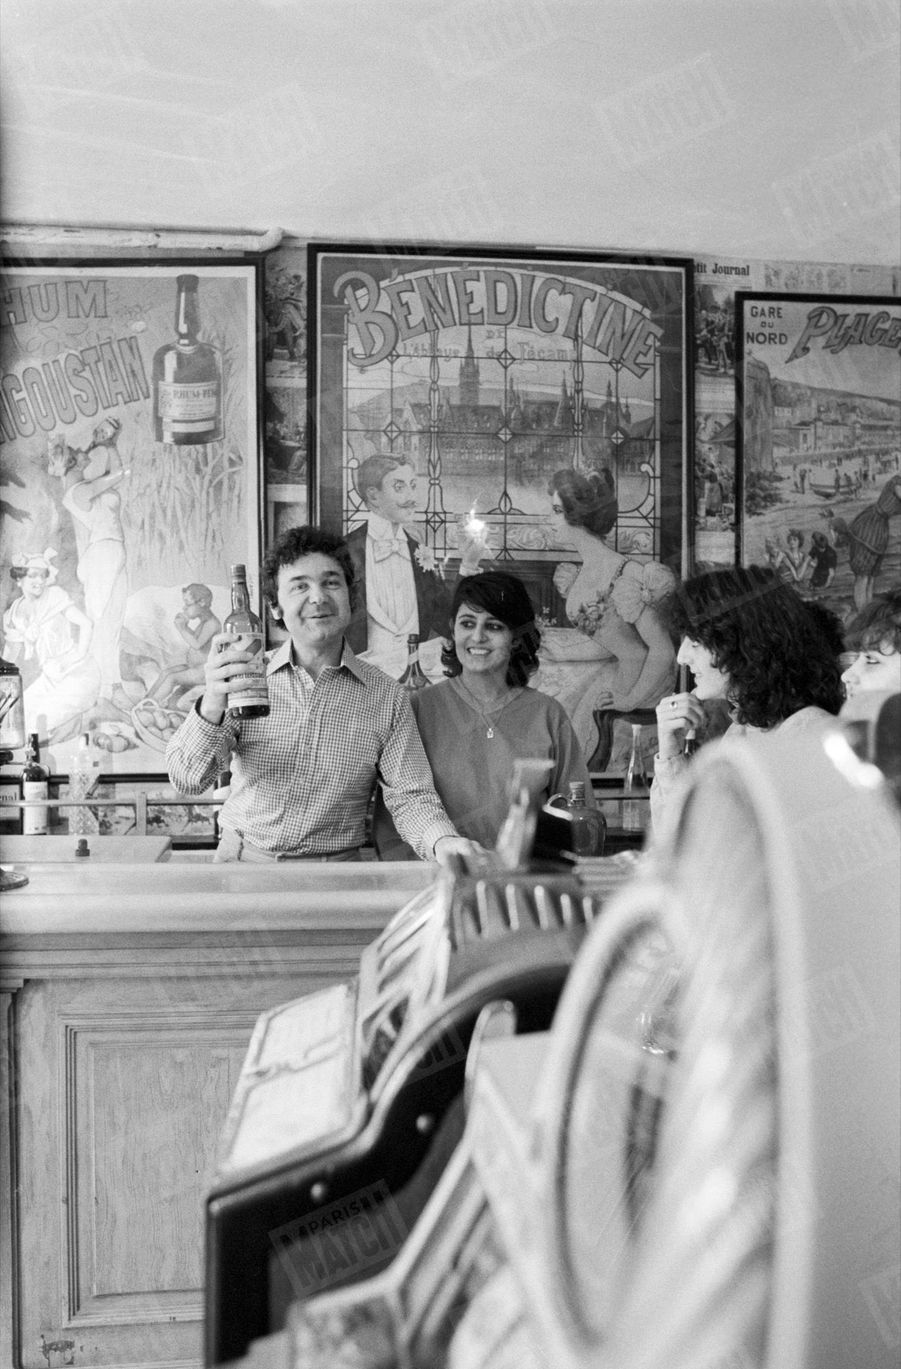 """""""Les trois sujets de fierté de Pierre Perret : ses moutons, son billard français et son « zinc » authentique."""" - Paris Match n°1555, 13 mars 1979"""